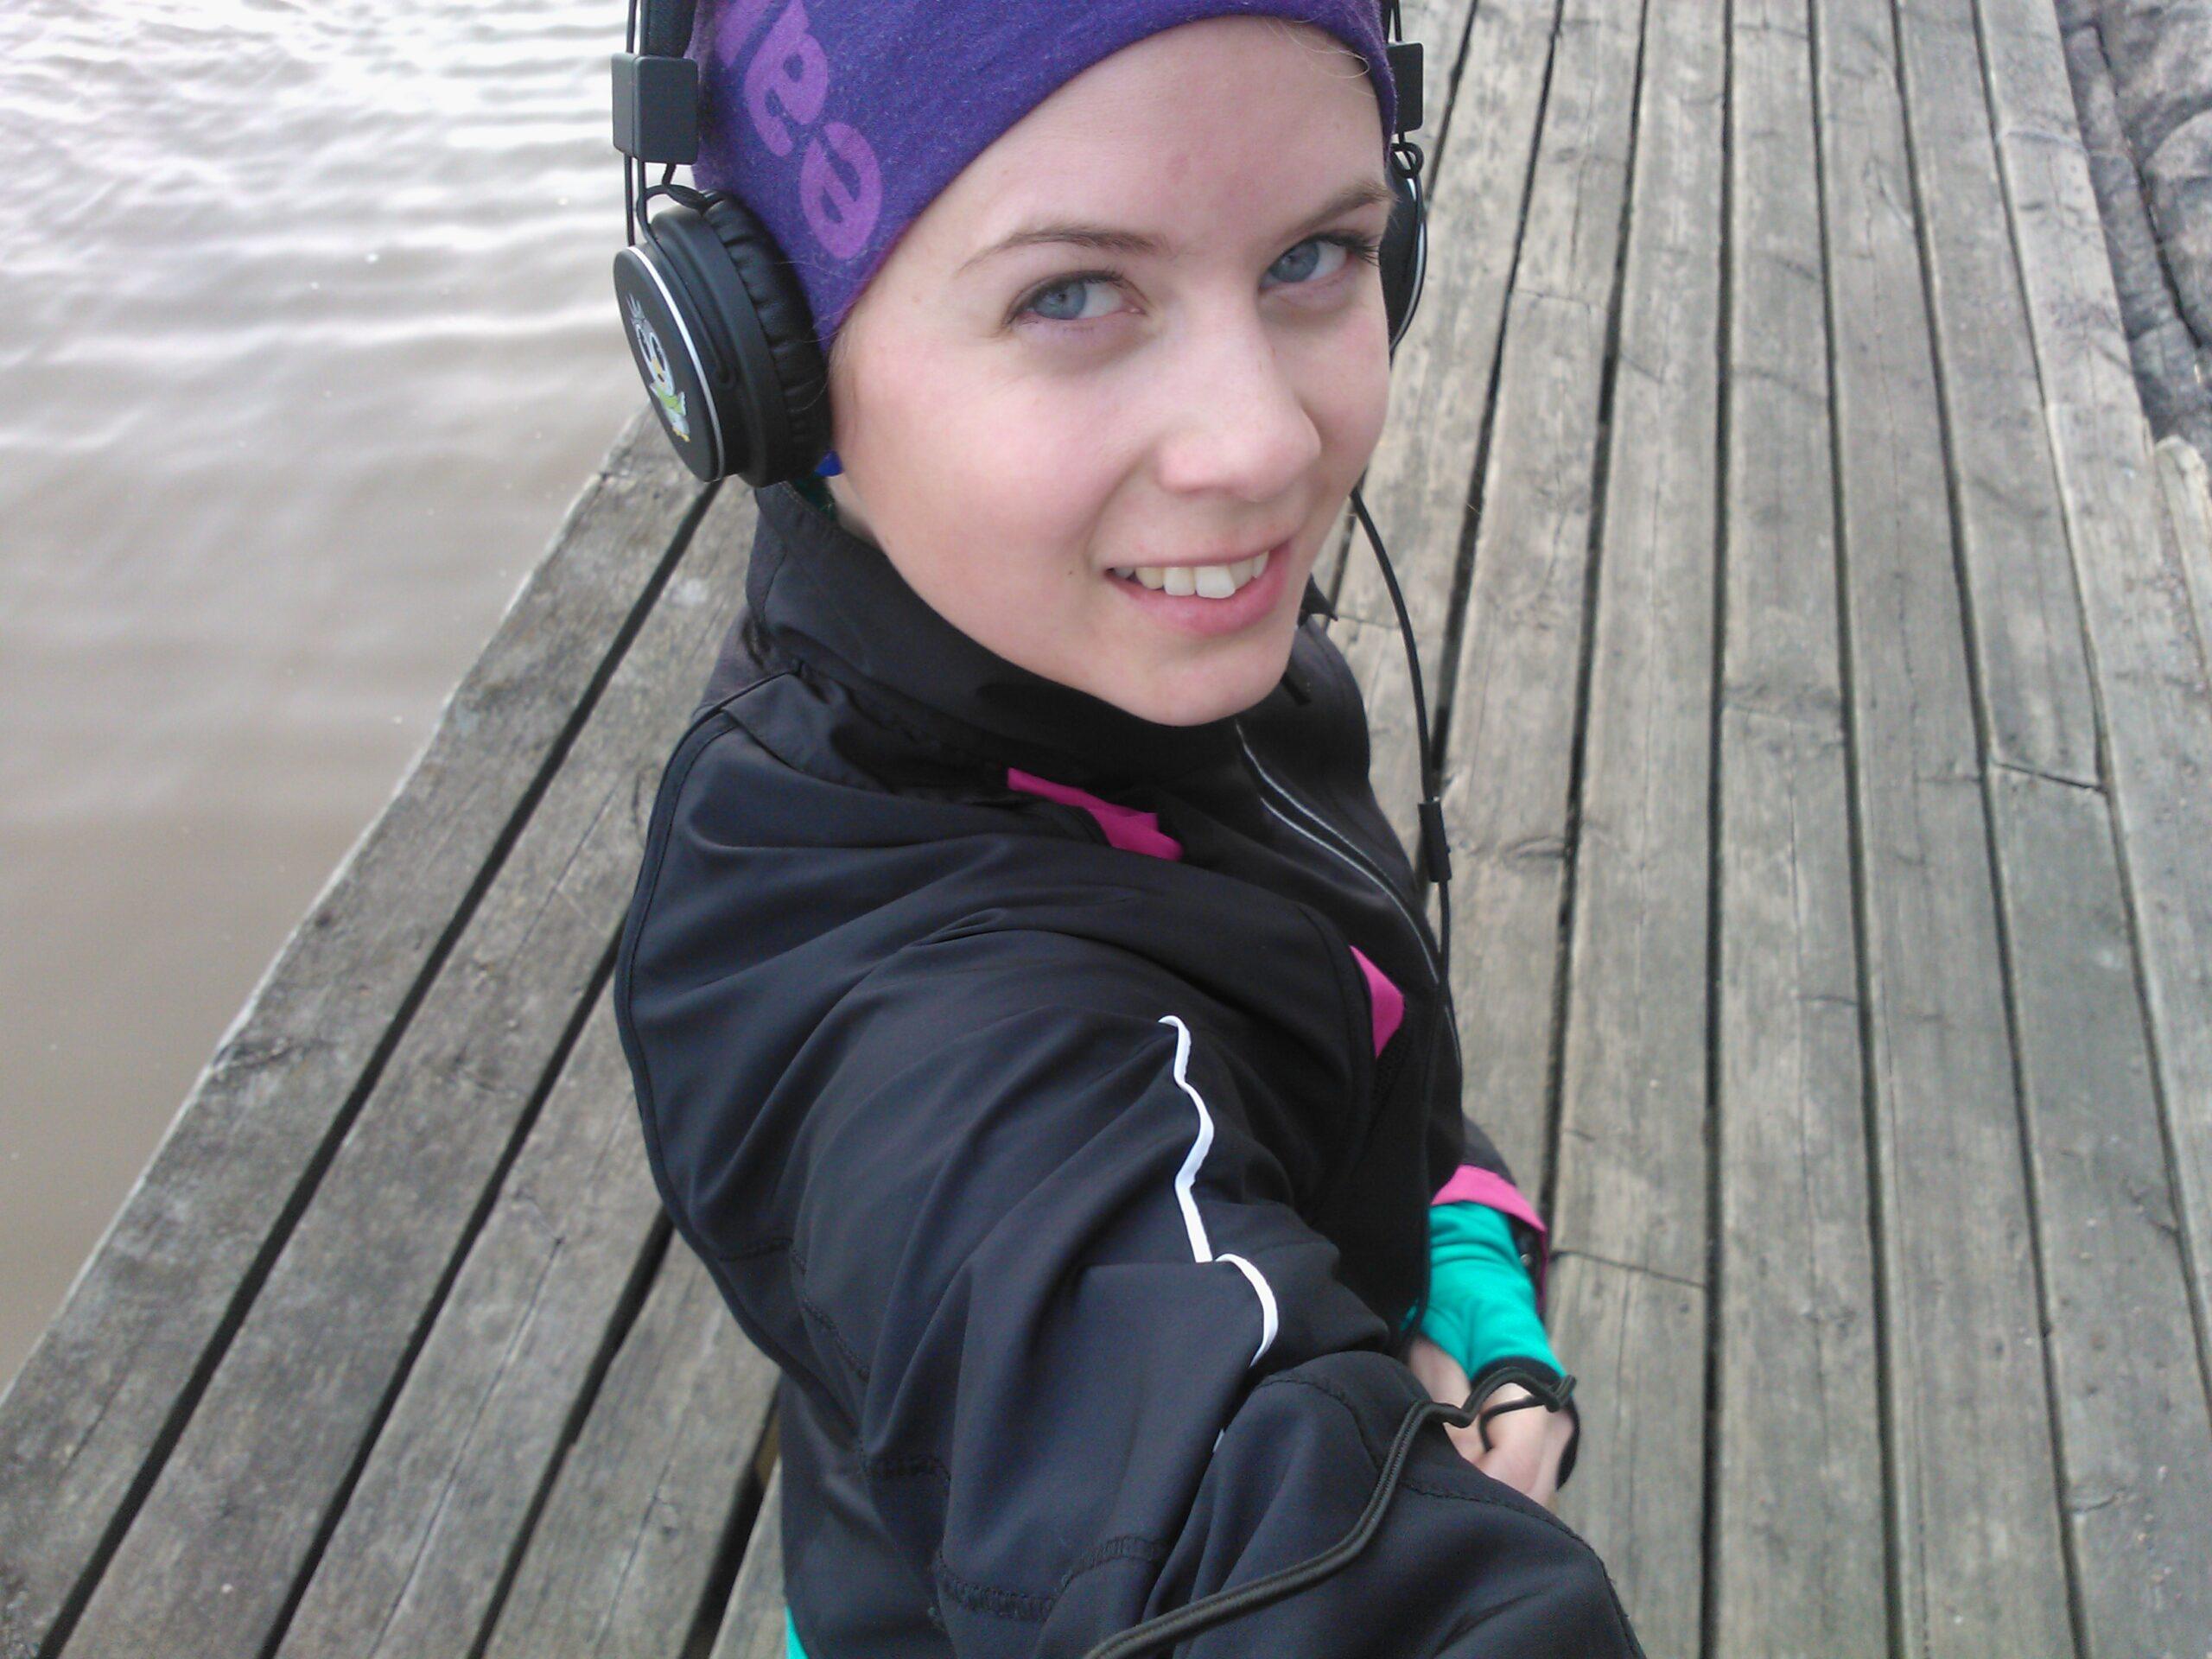 Radiointervju om löpning